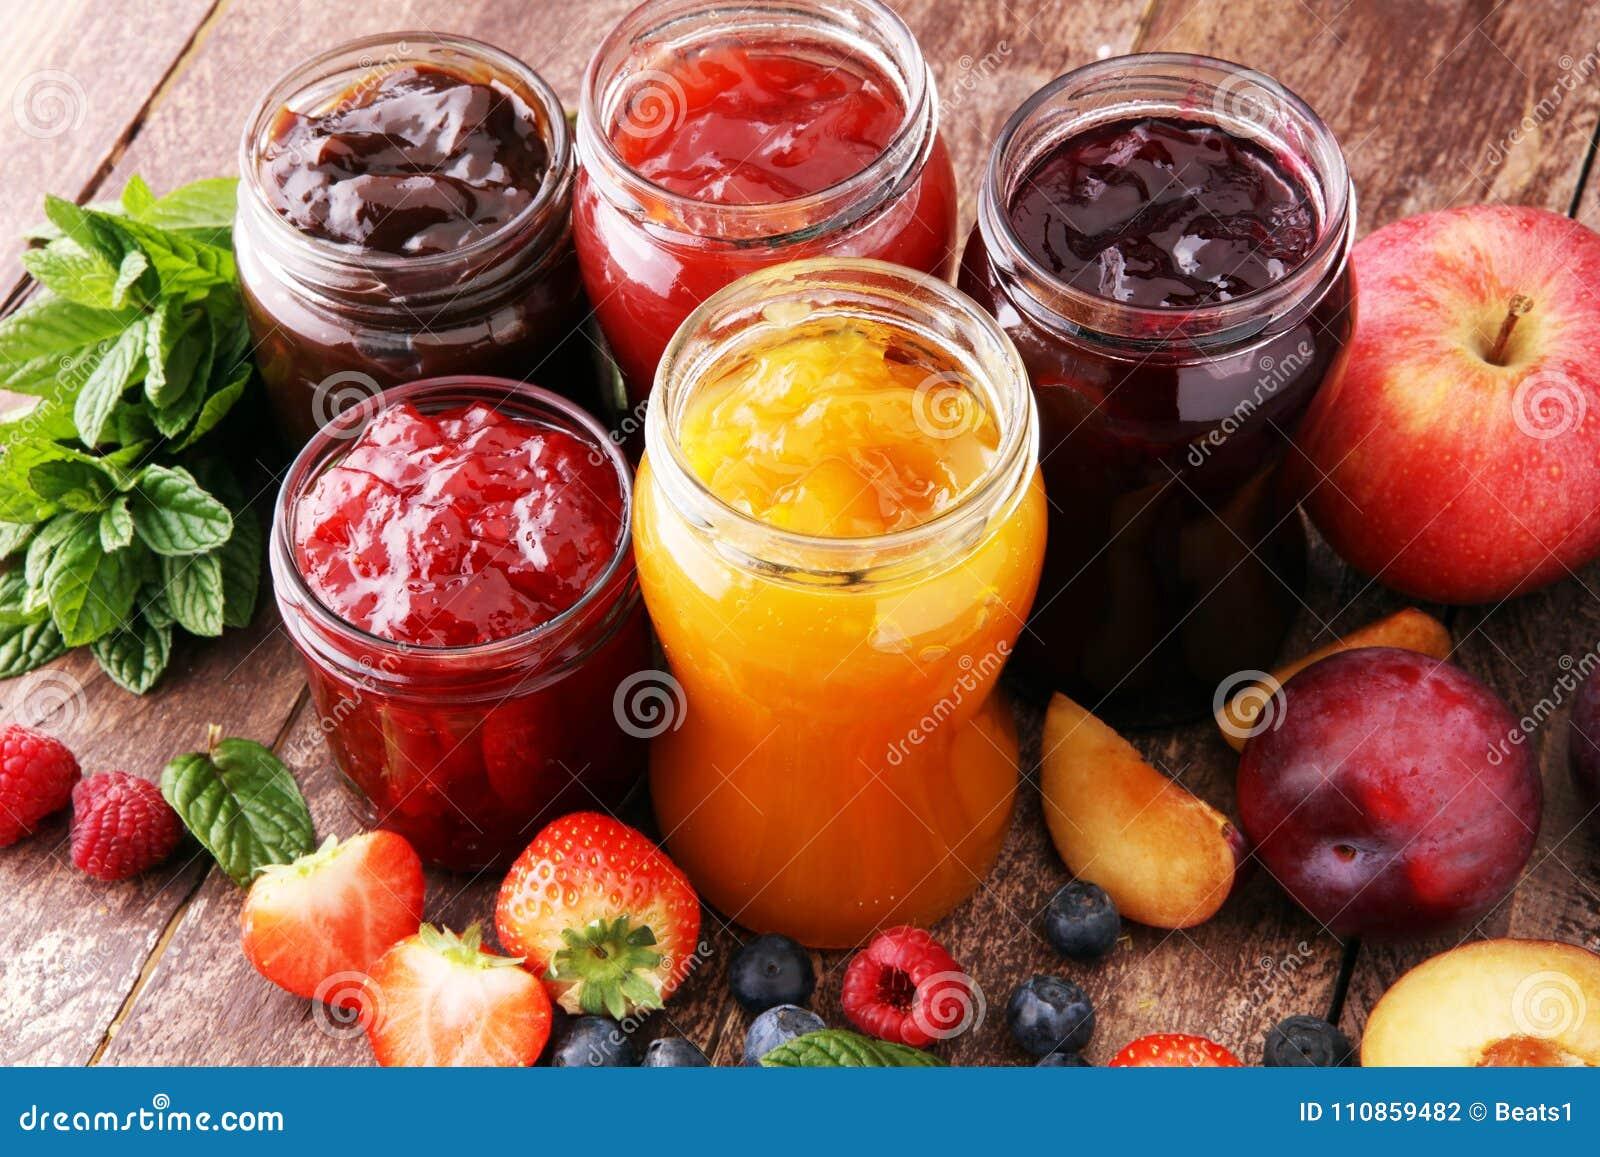 Ассортимент варениь, сезонных ягод, слив, мяты и плодоовощей